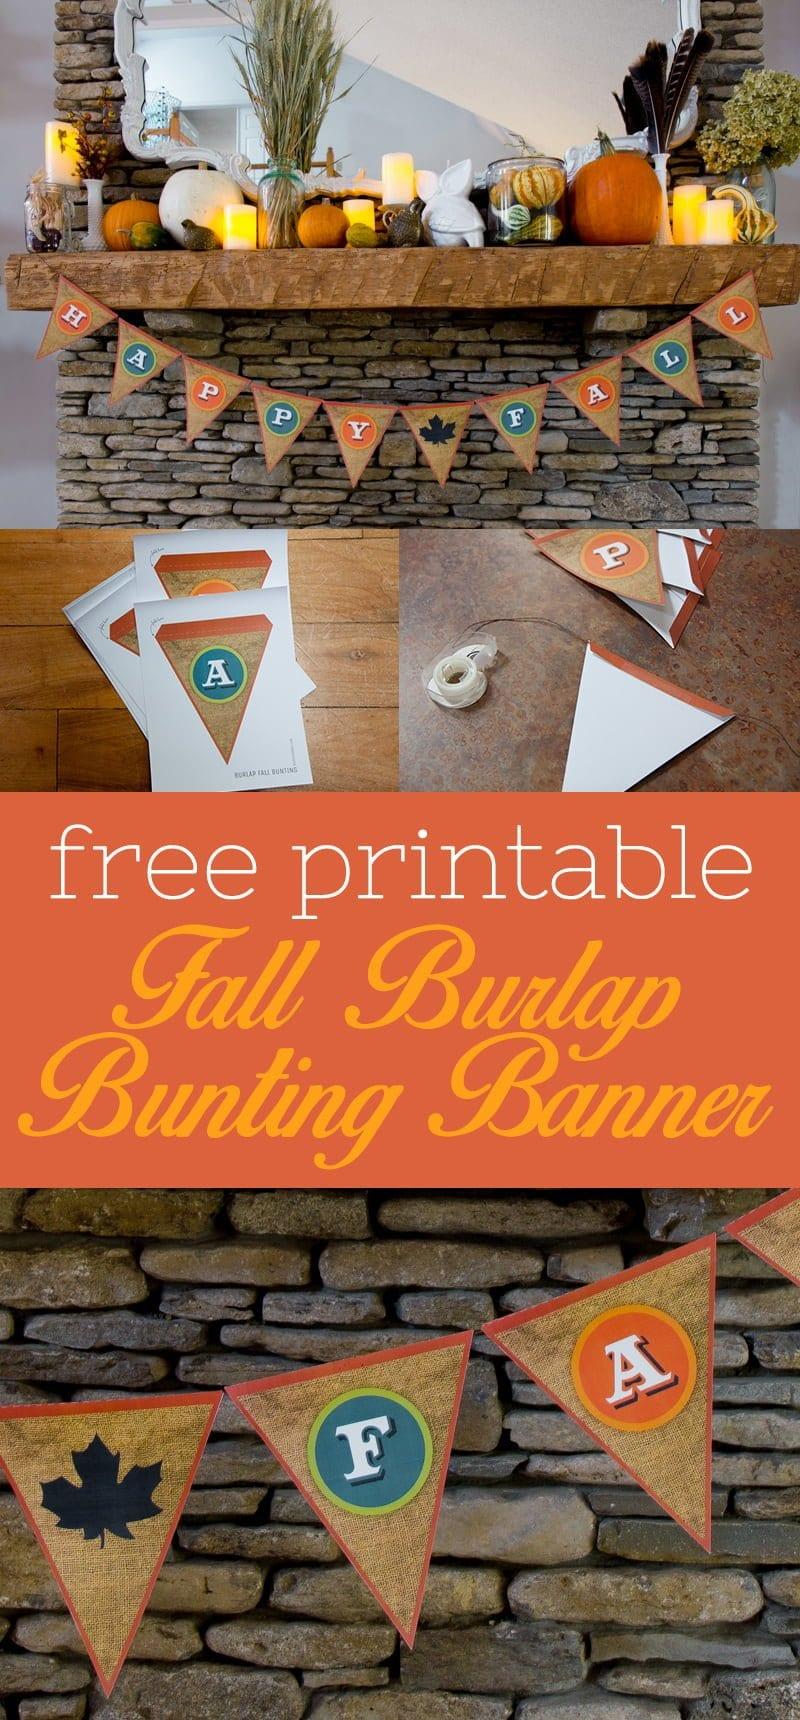 Free Printable Fall Burlap Bunting Banner